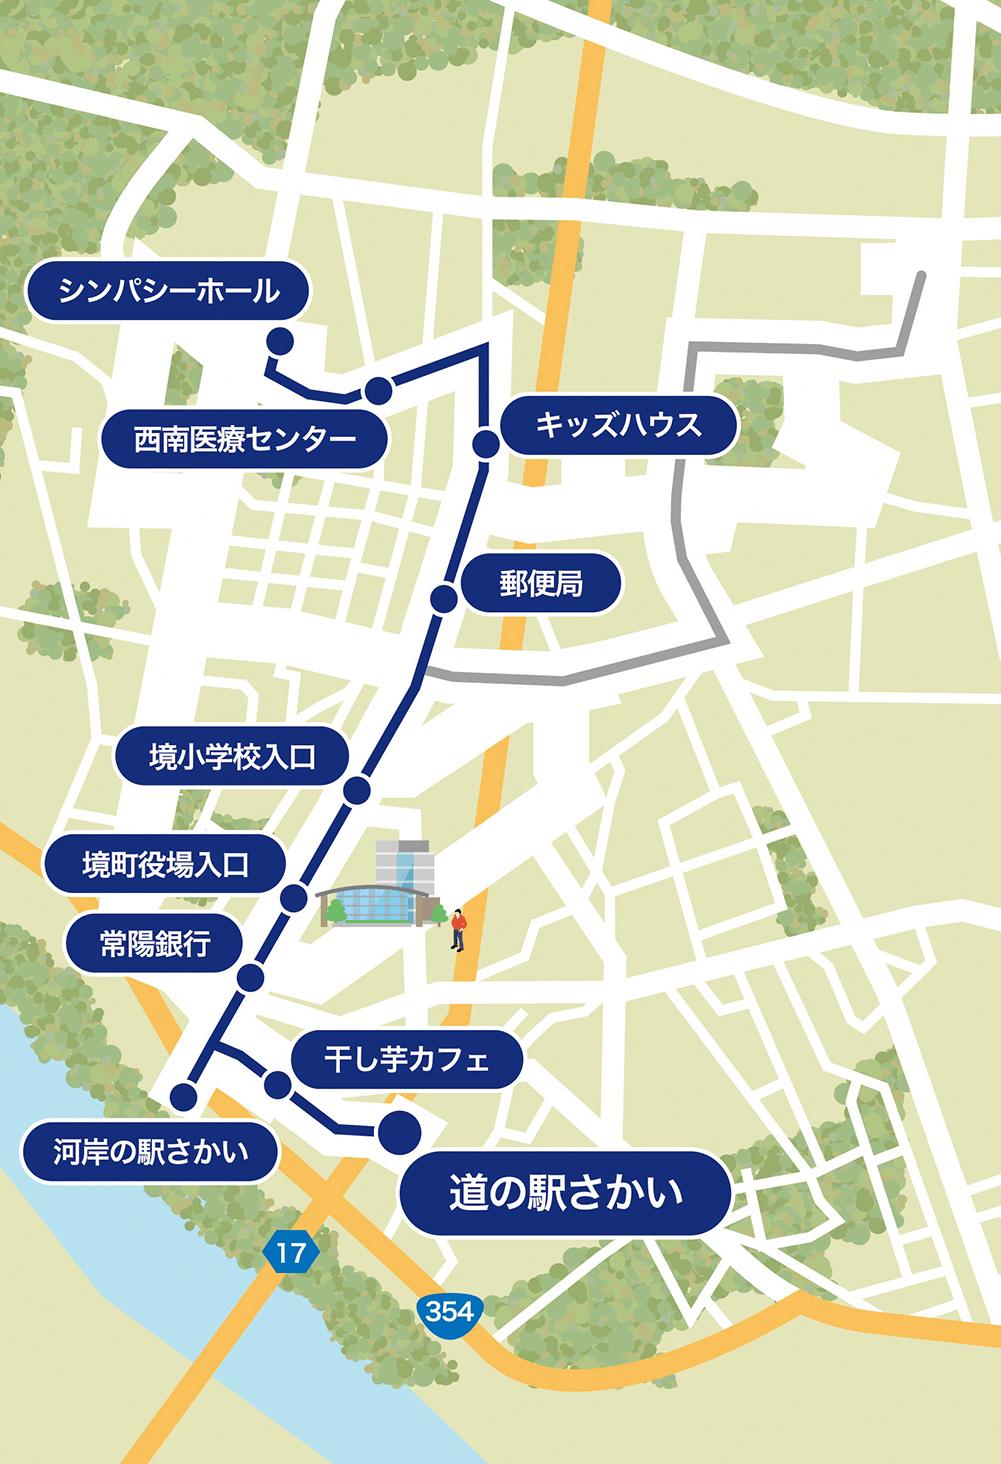 『シンパシーホール・道の駅さかいルート』の画像